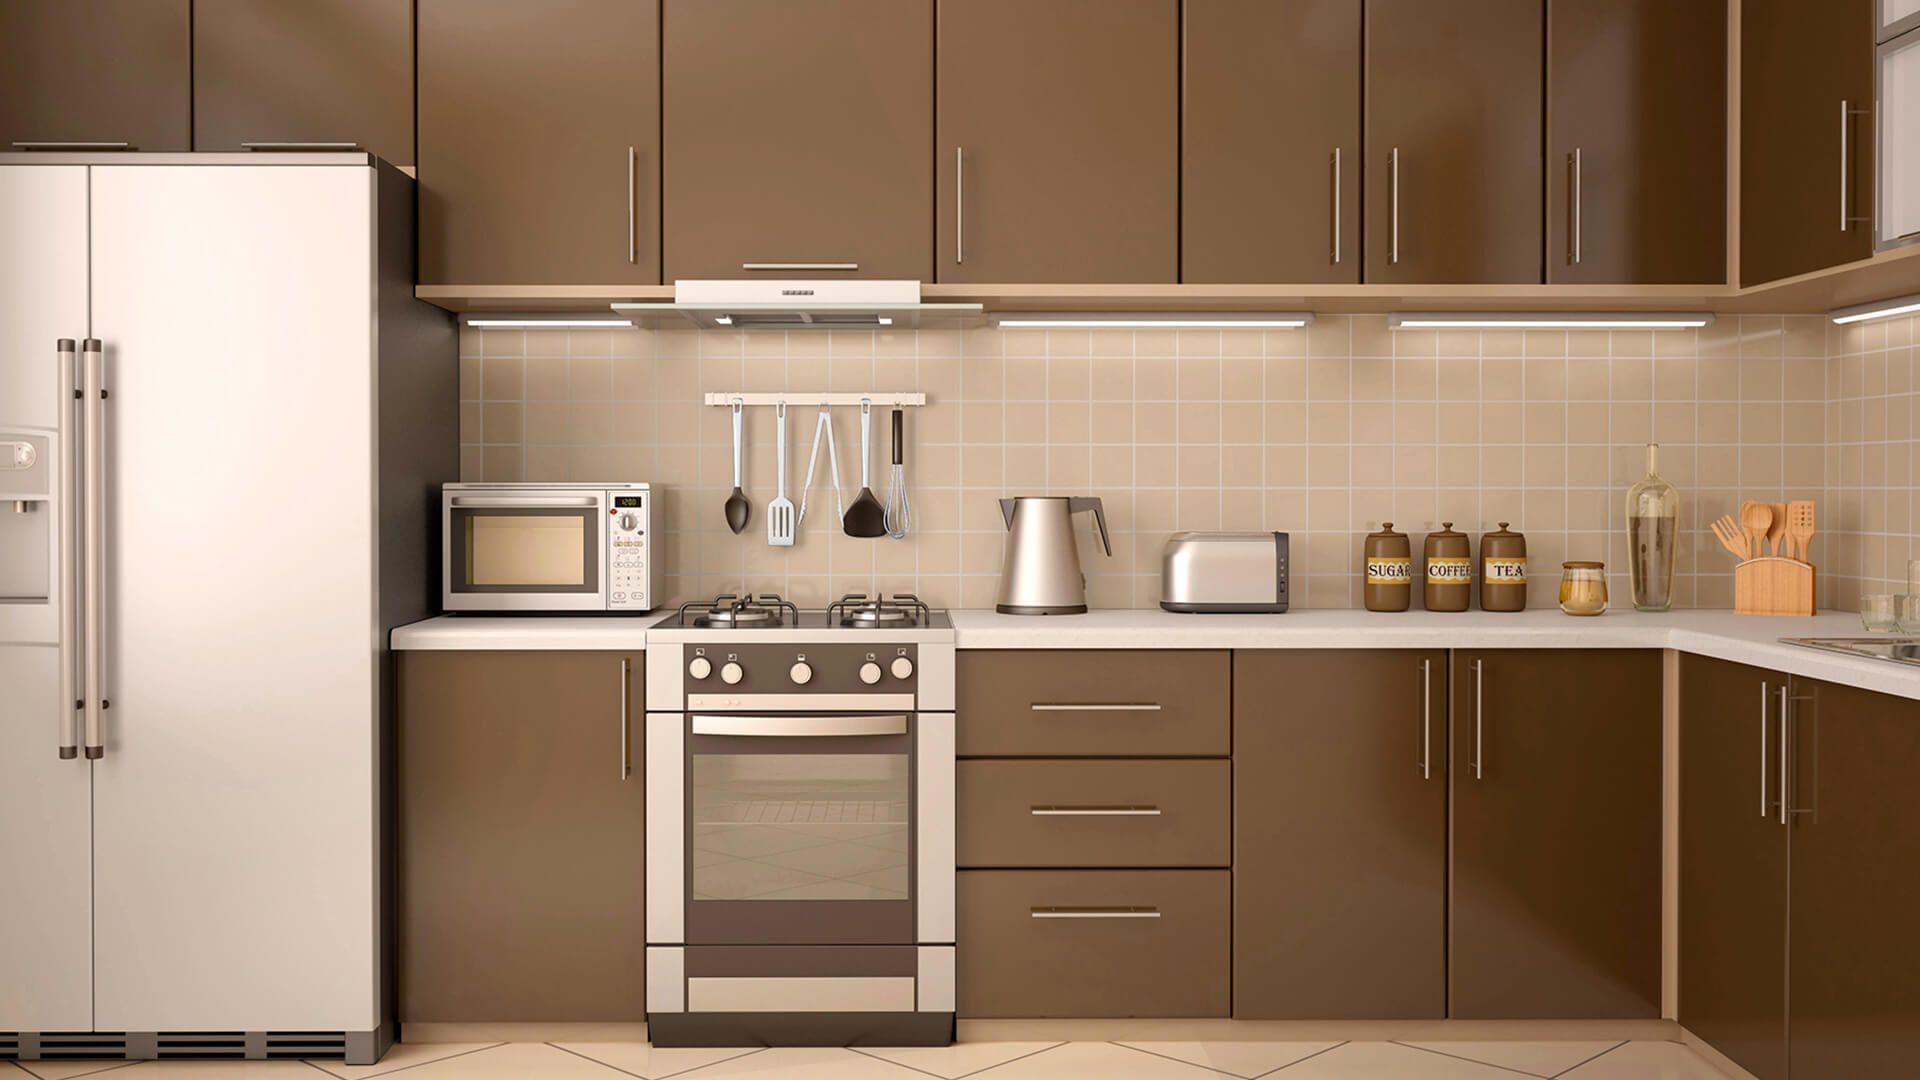 Good Ideas 28 Simple Kitchen Wall Decor Ideas Kitchen Wall Decor Simple Kitchen Kitchen Decor